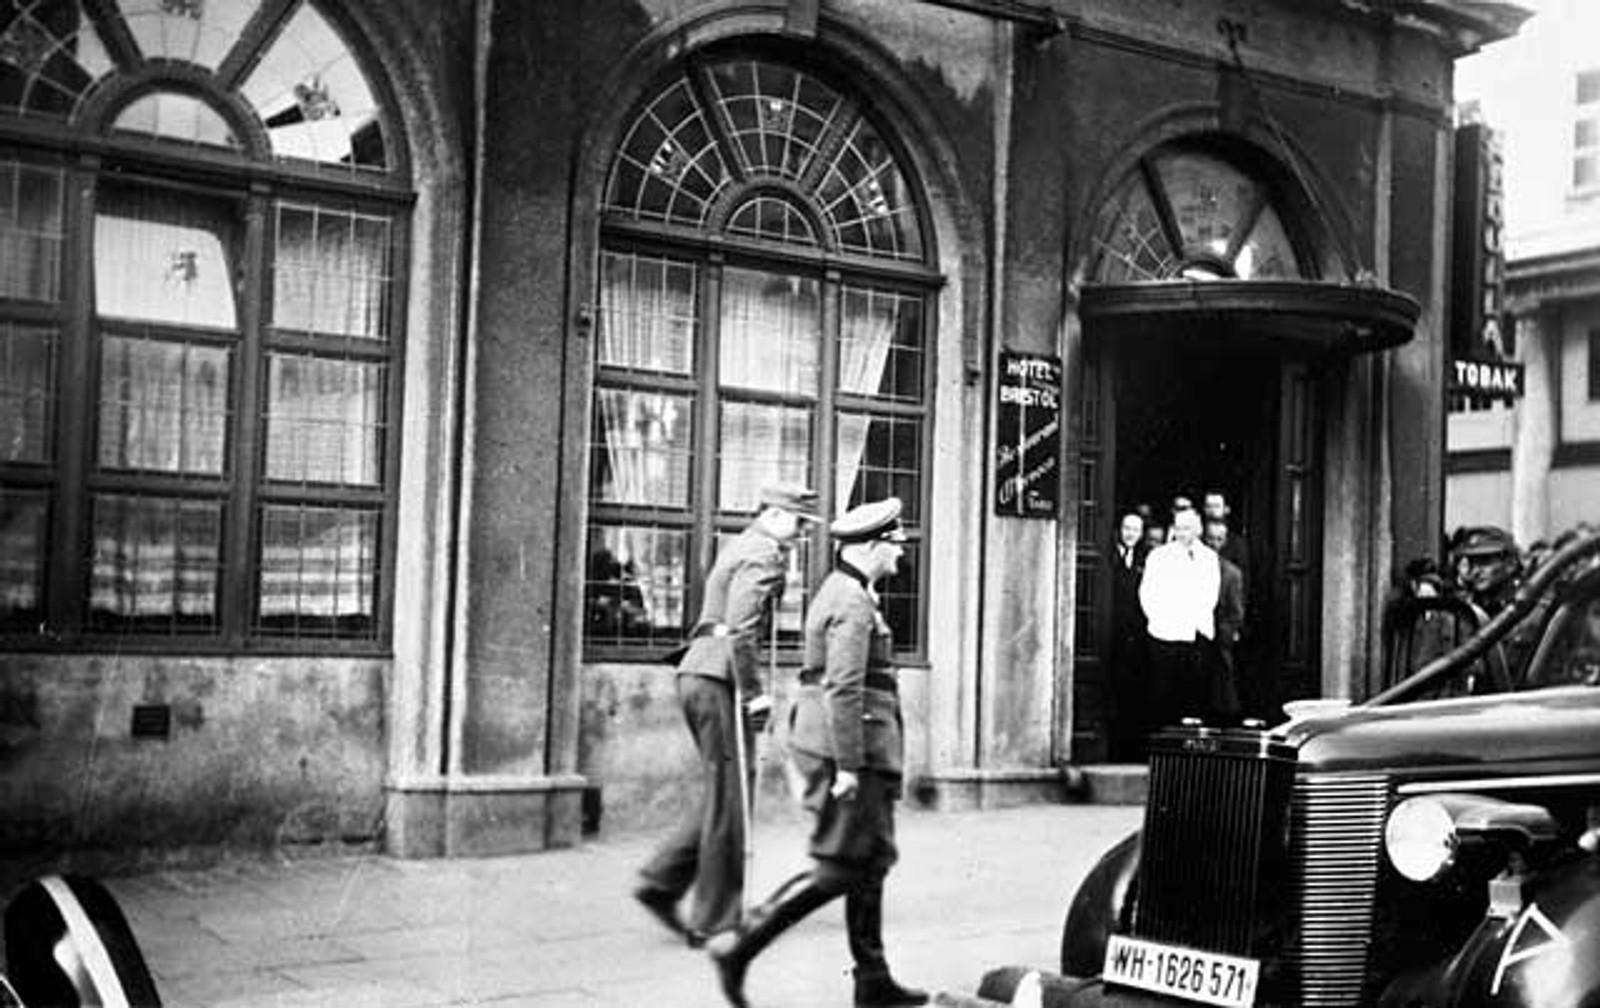 TAPERNE: Tyske offiserer overgir seg til norske styrker i maidagene 1945.